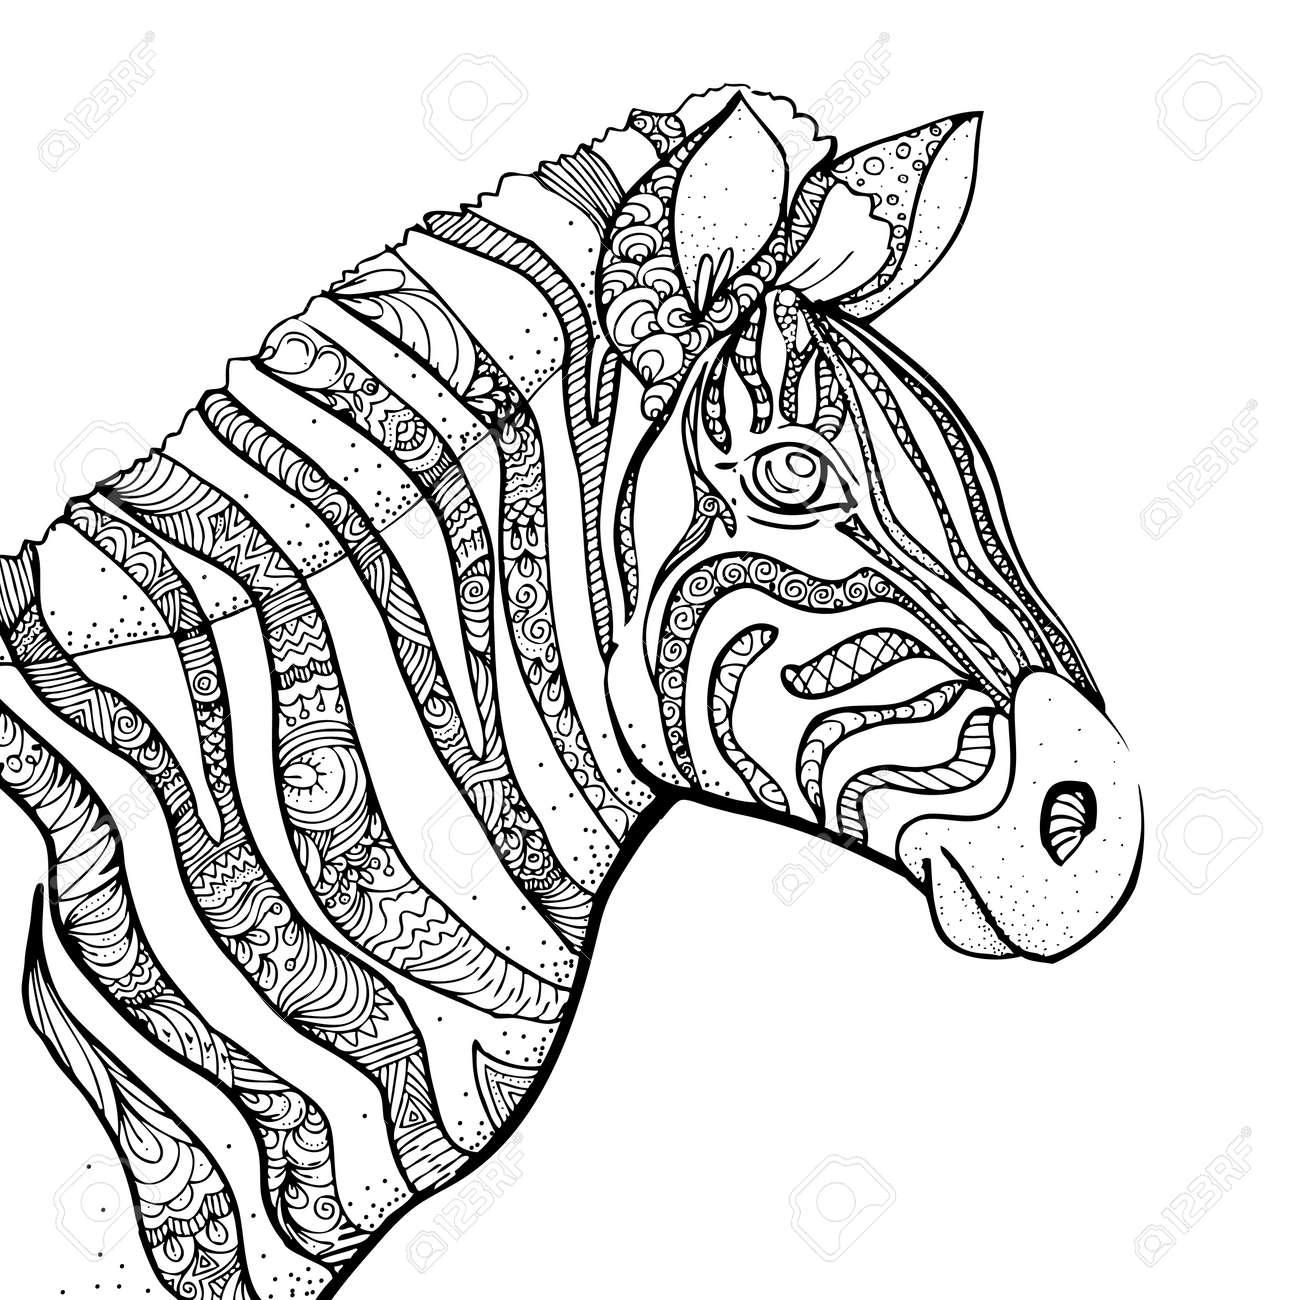 Nett Zebra Einladungsvorlage Bilder - Entry Level Resume Vorlagen ...